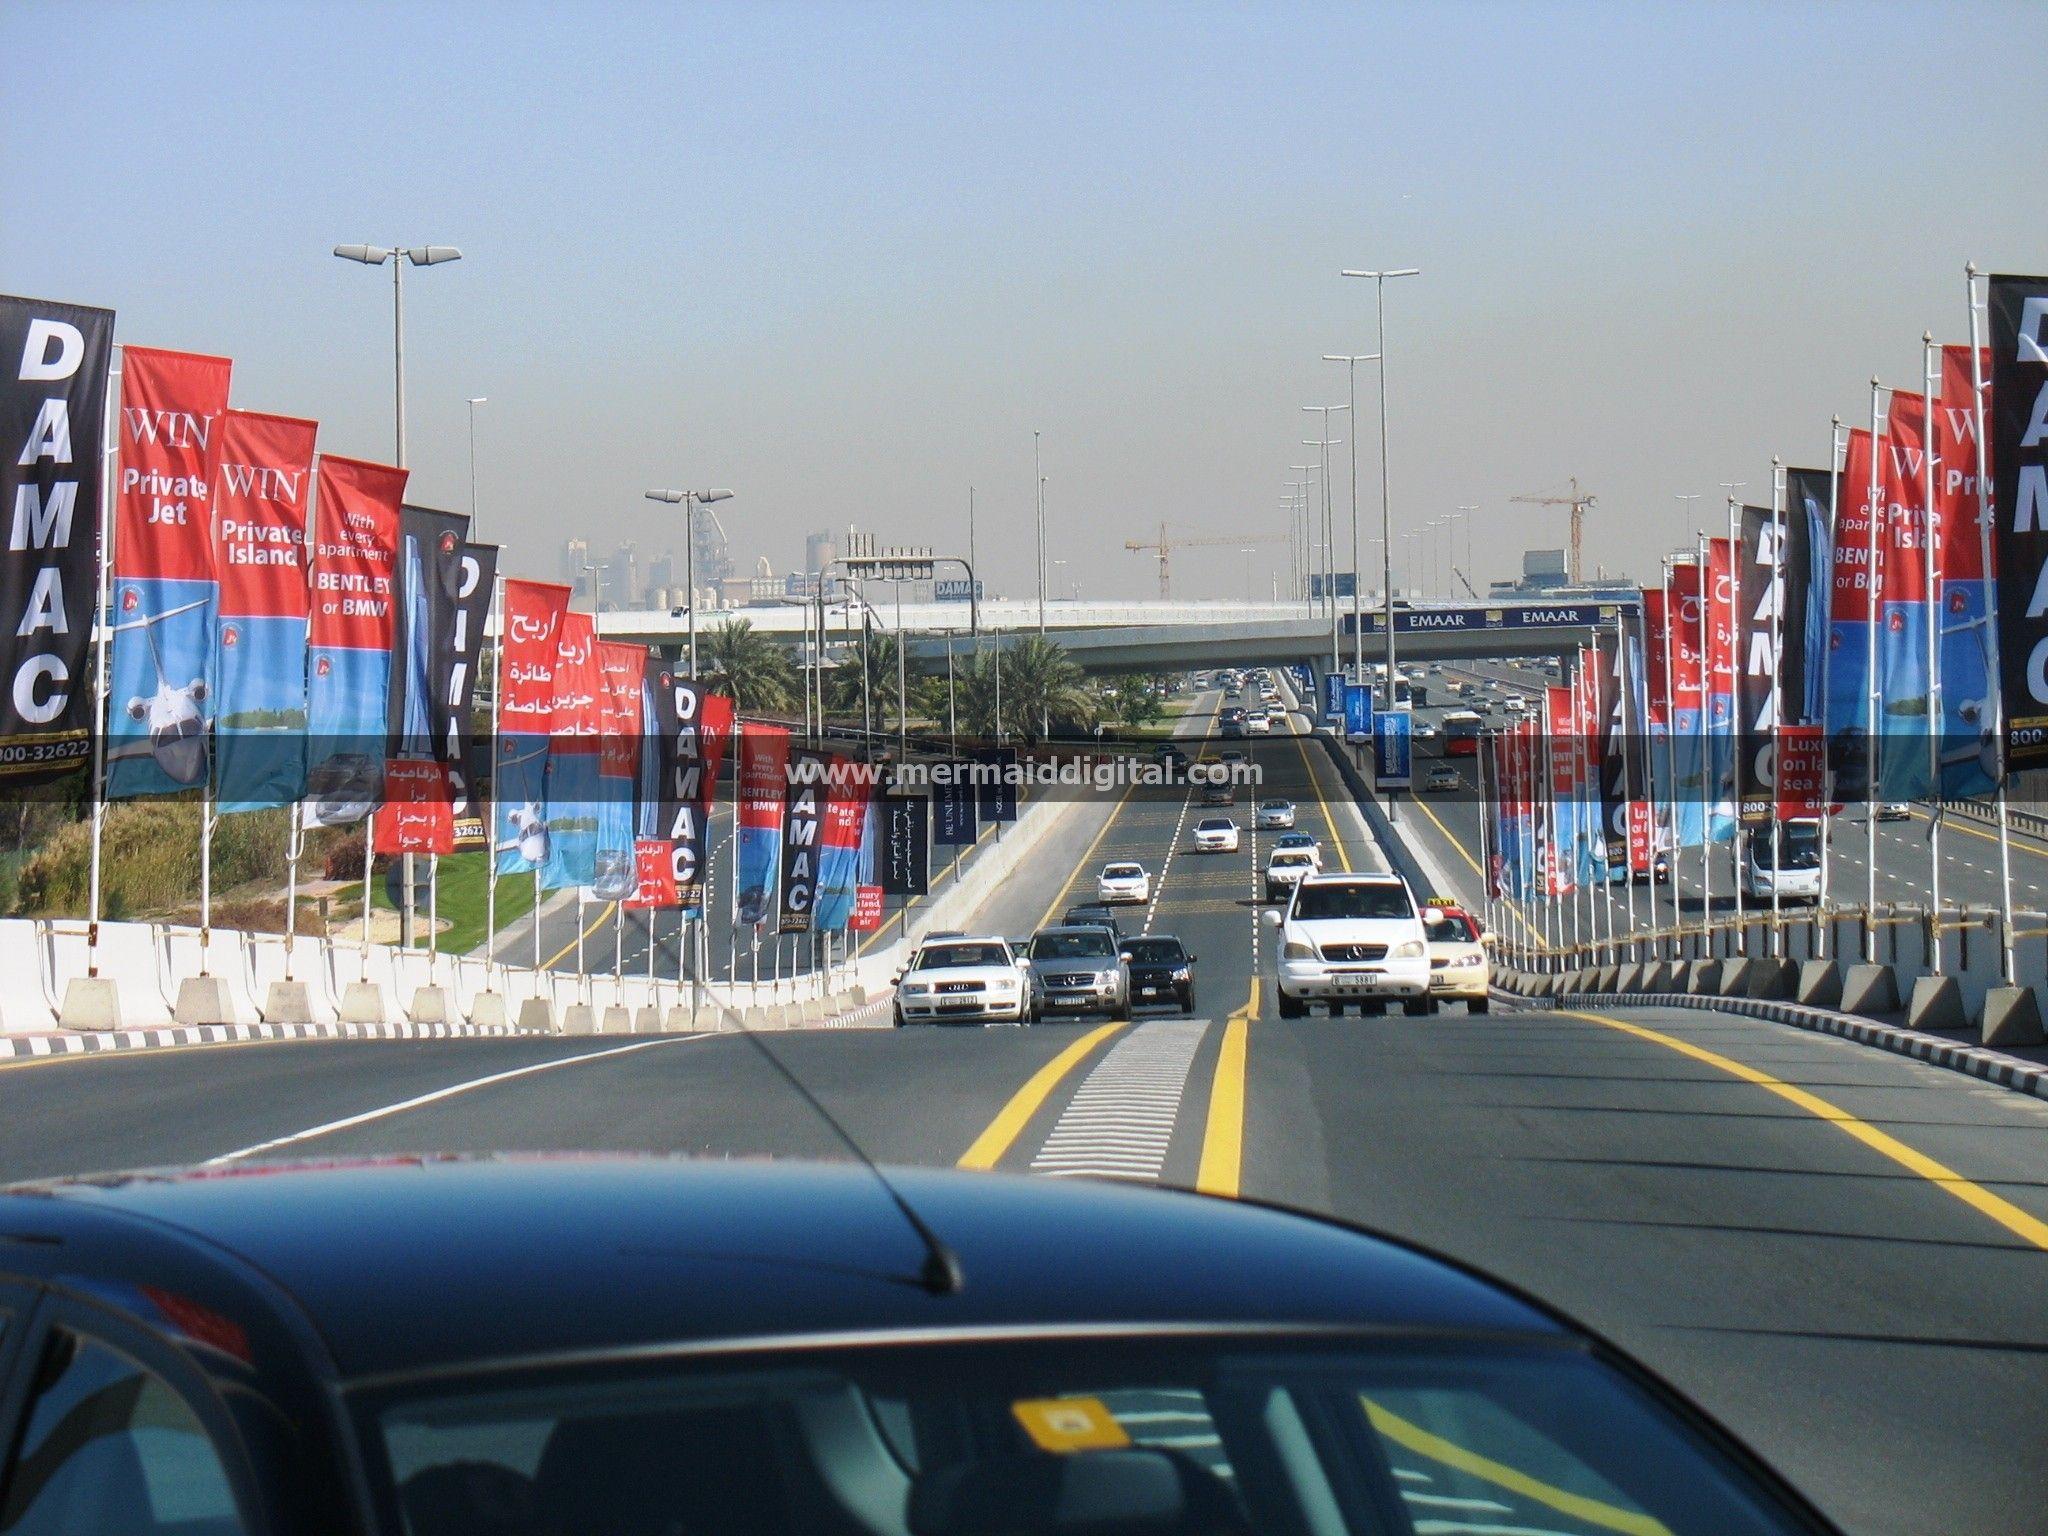 #AdvertisingFlags #ConcreteBlock #DAMAC